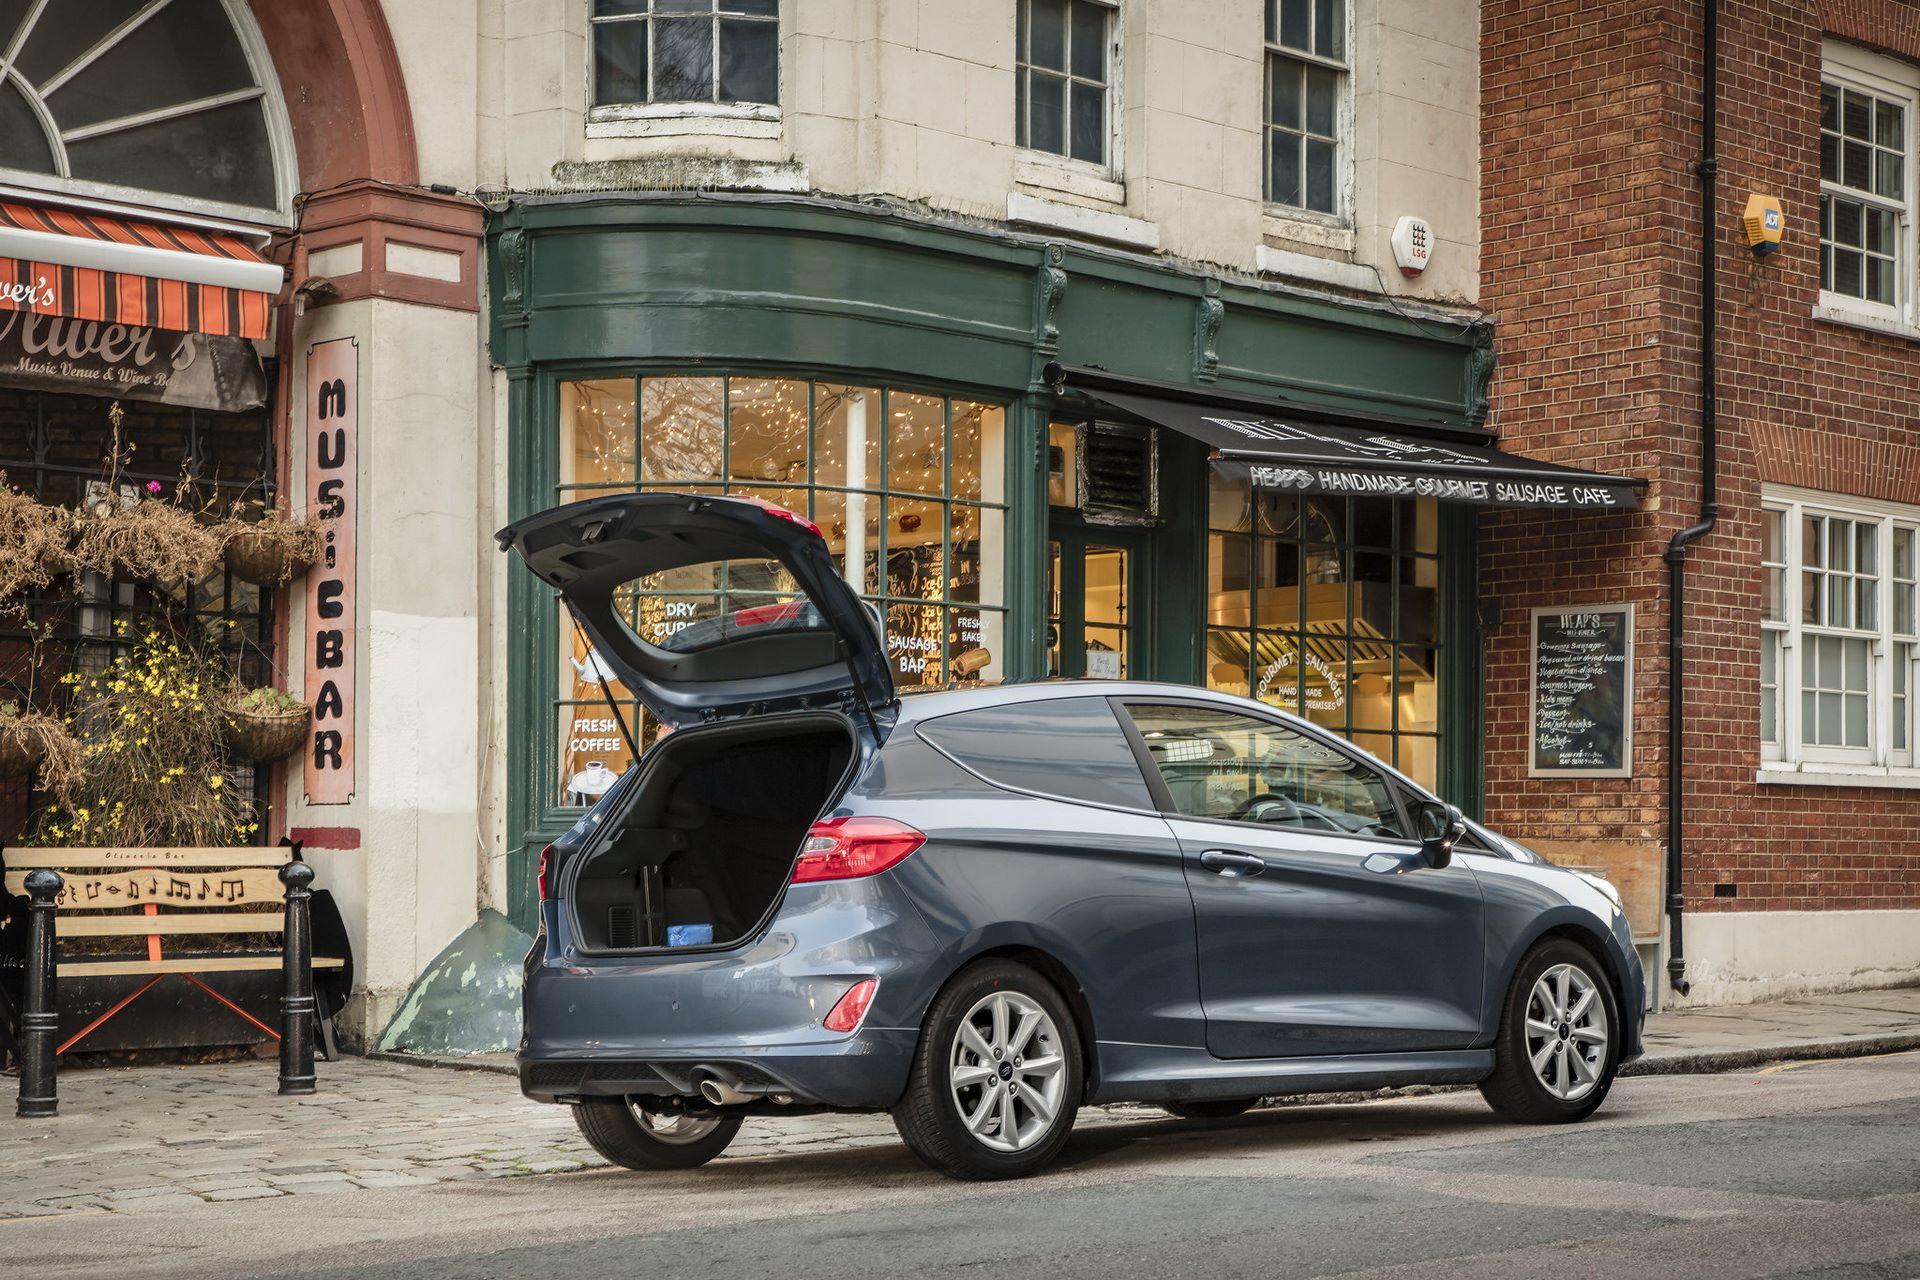 Ford-Fiesta-Fiesta-Van-Mild-Hybrid-8